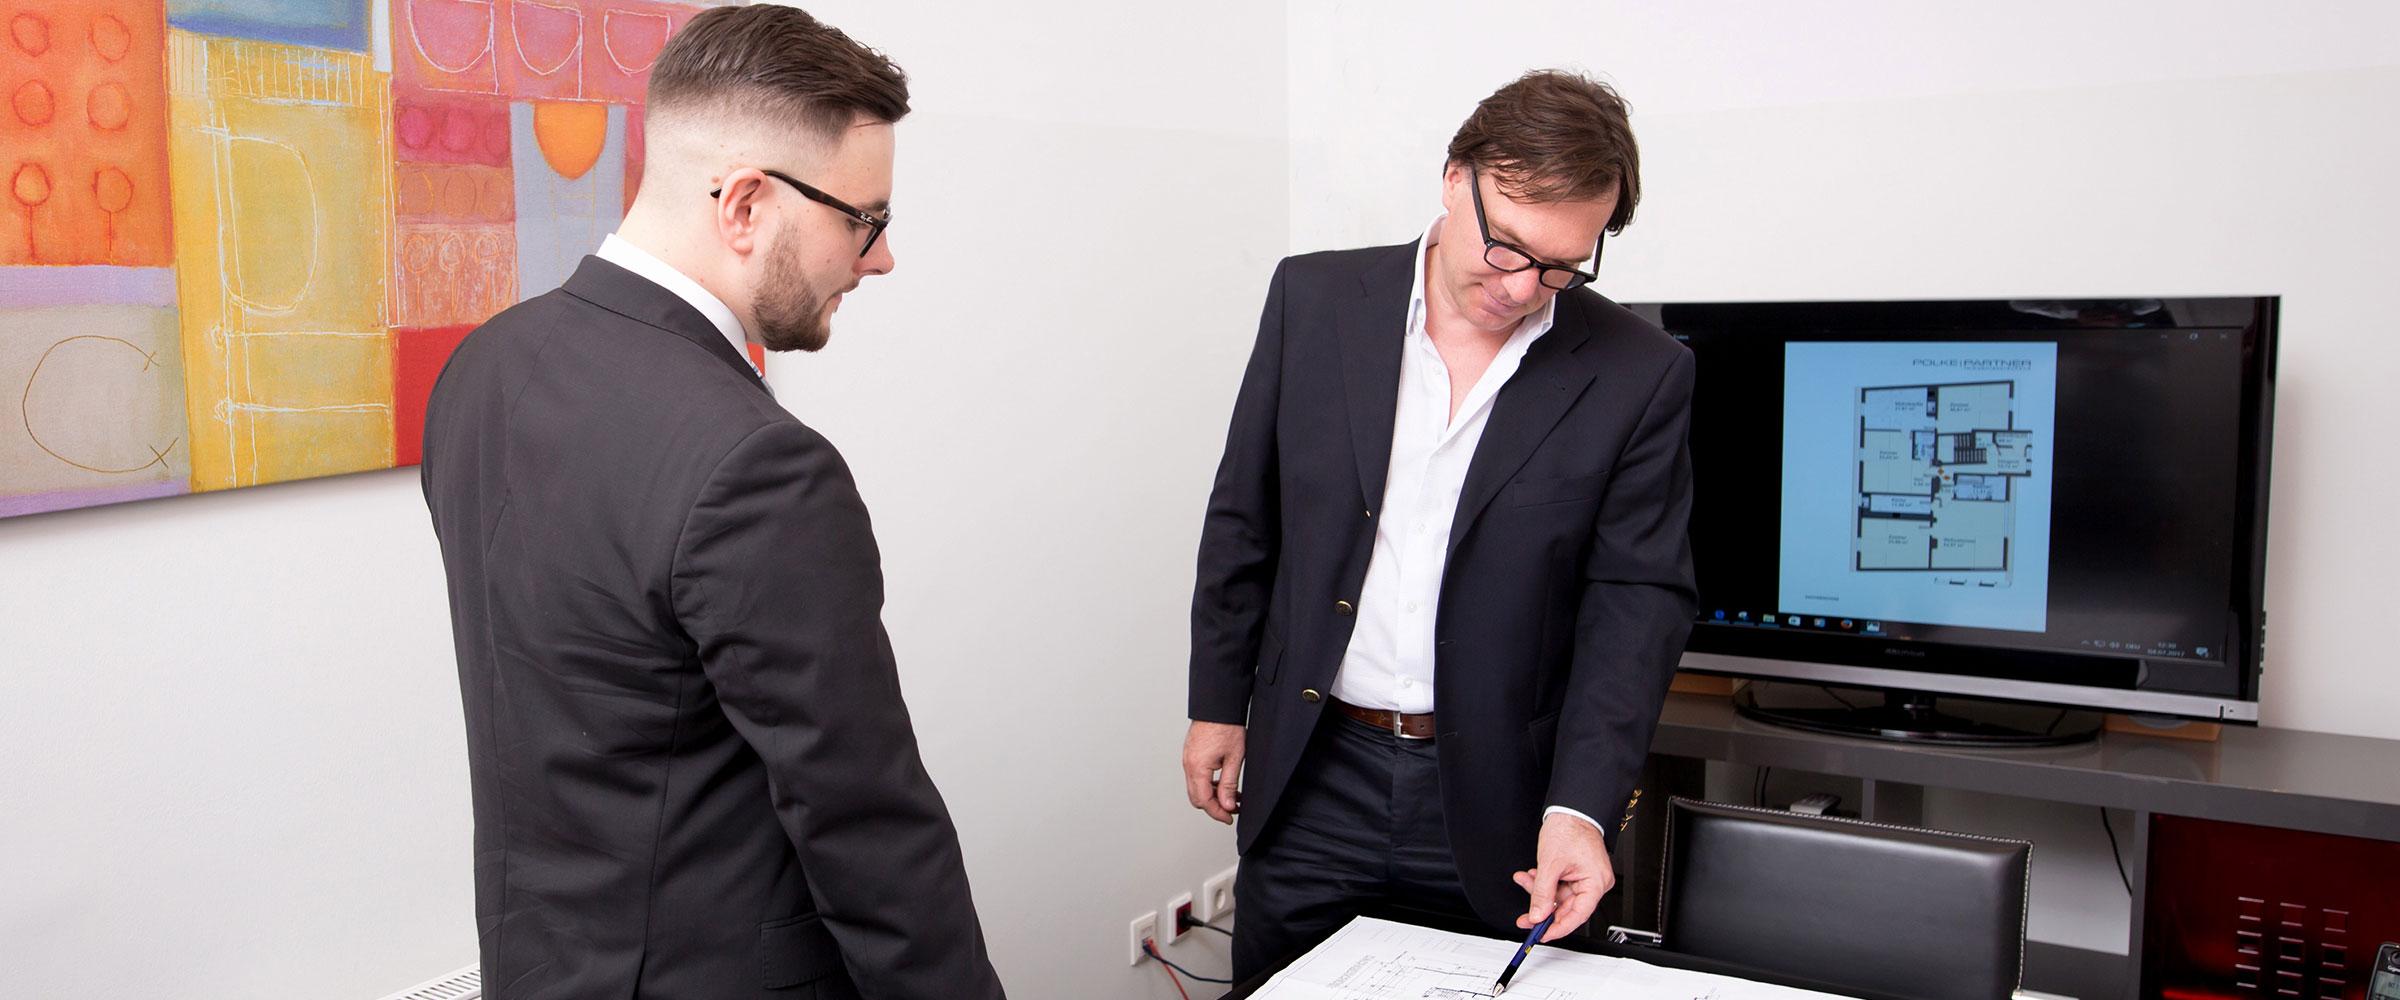 Stefan Polke im Gespräch mit einem Mitarbeiter; sie sehen sich Pläne an um ein Vermarktungskonzept zu entwickeln